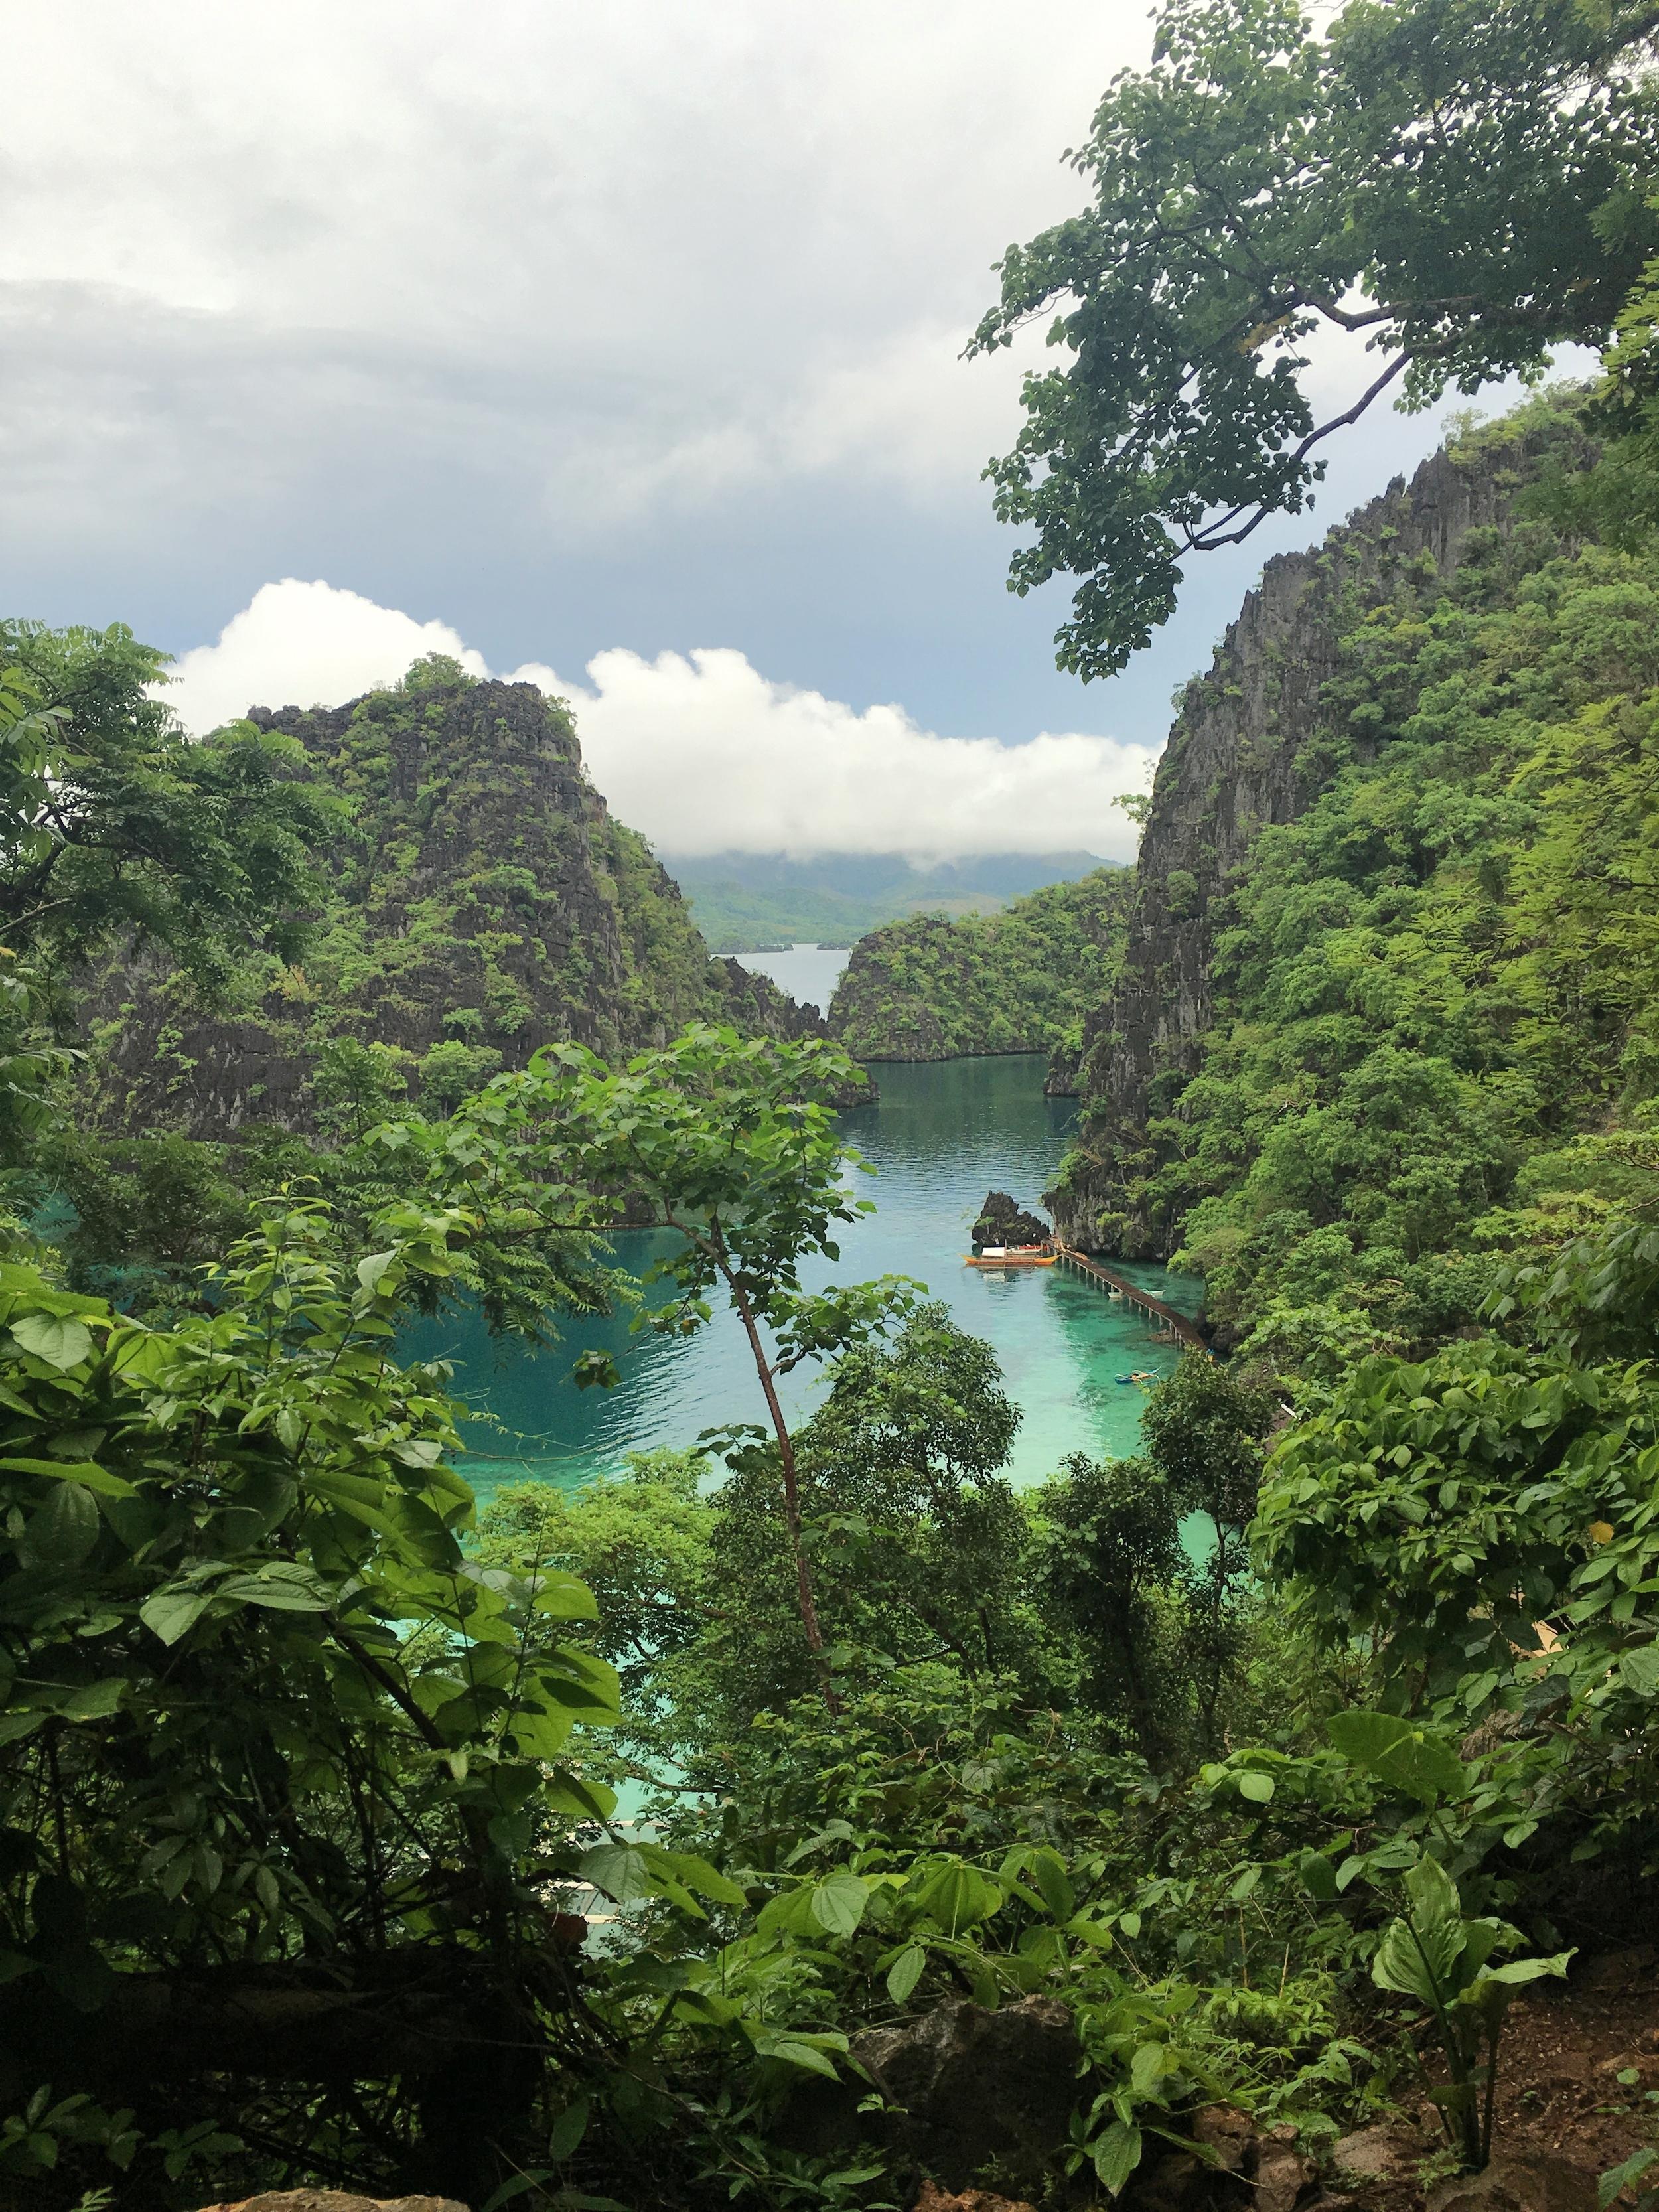 Breathtaking views from Kayangan Lake